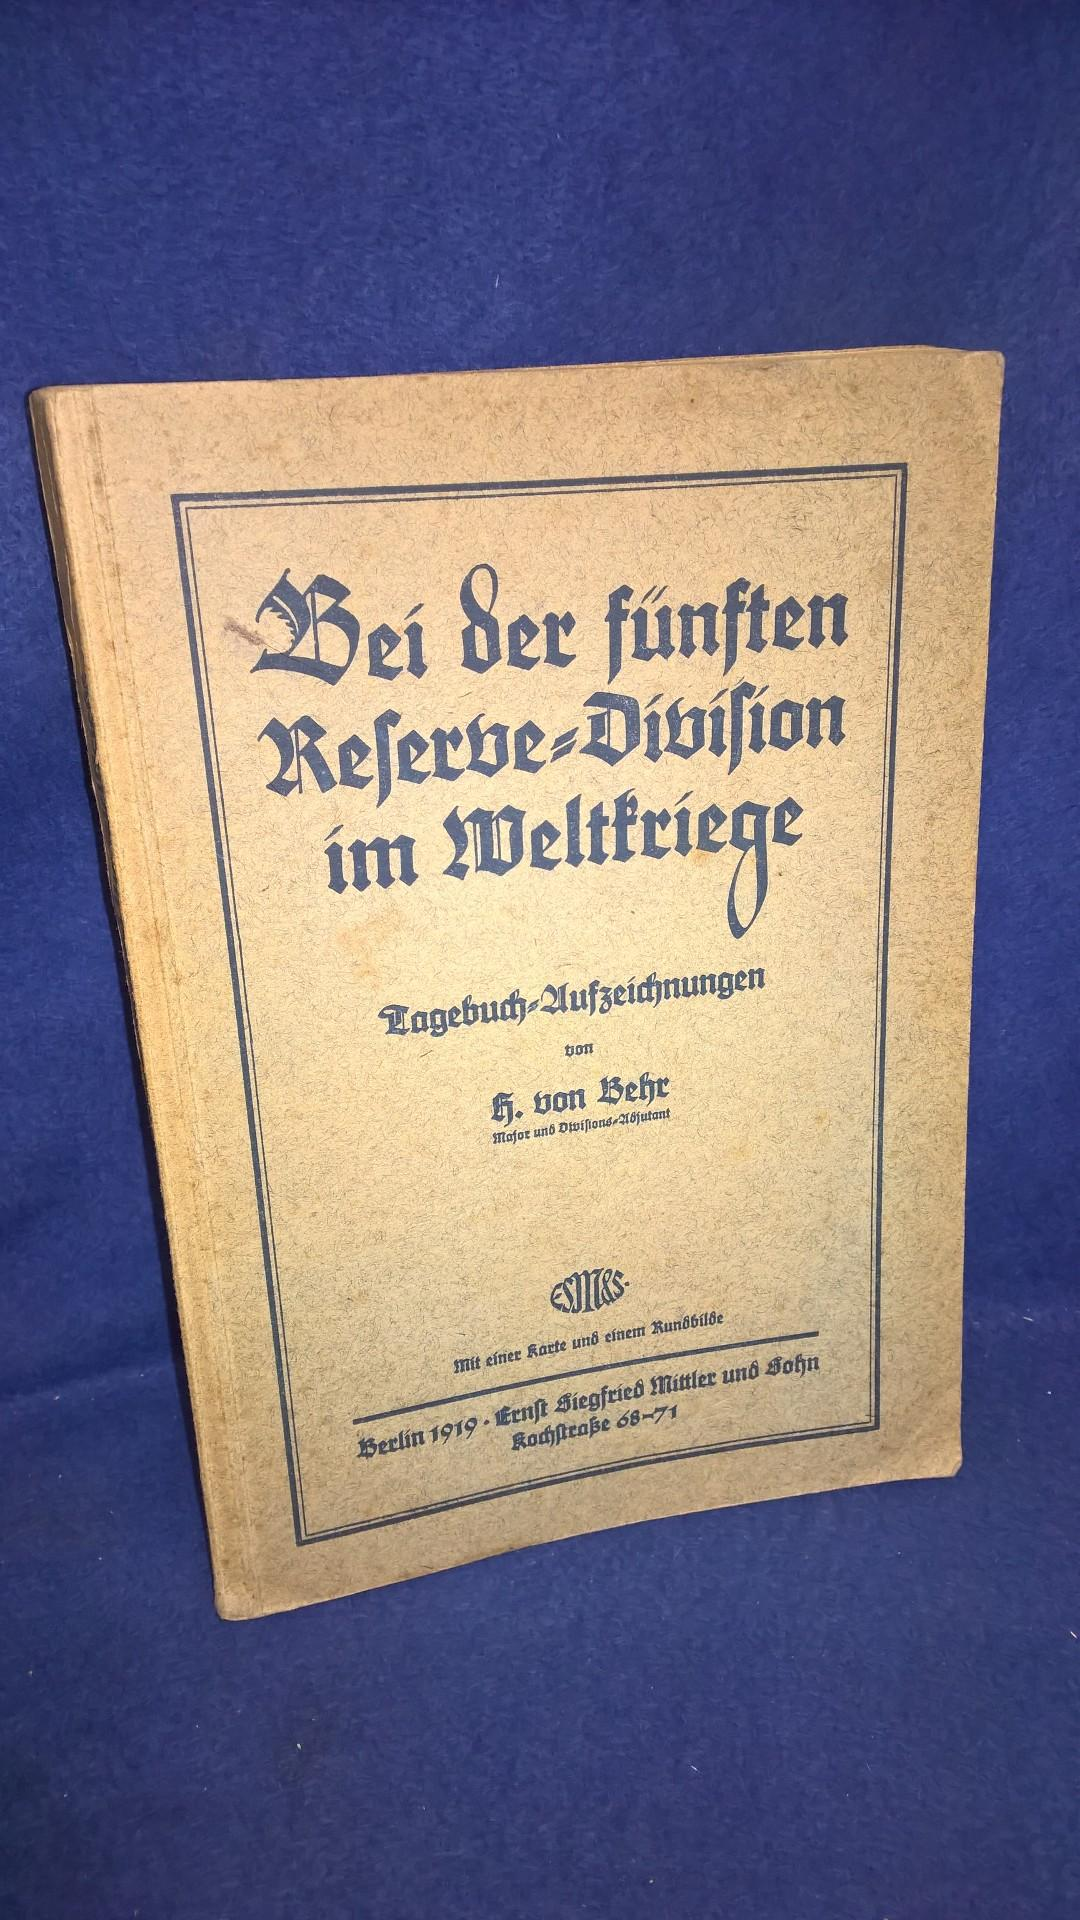 Bei der fünften Reserve-Division im Weltkriege. Tagebuch-Aufzeichnungen.